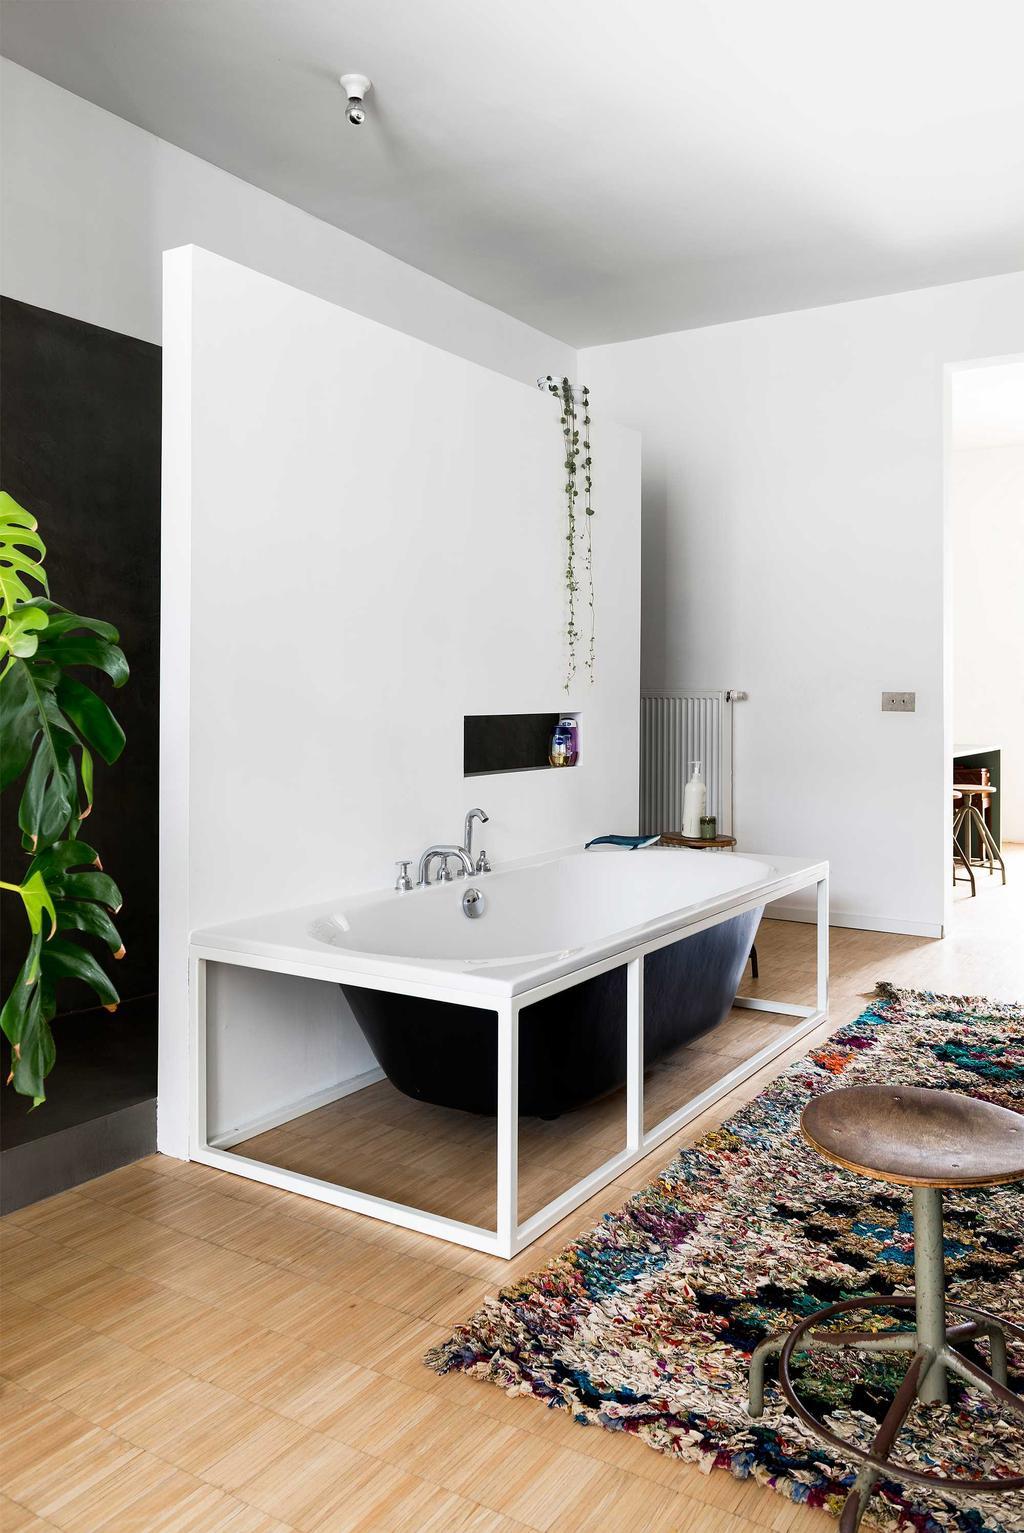 binnenkijker antwerpen badkamer